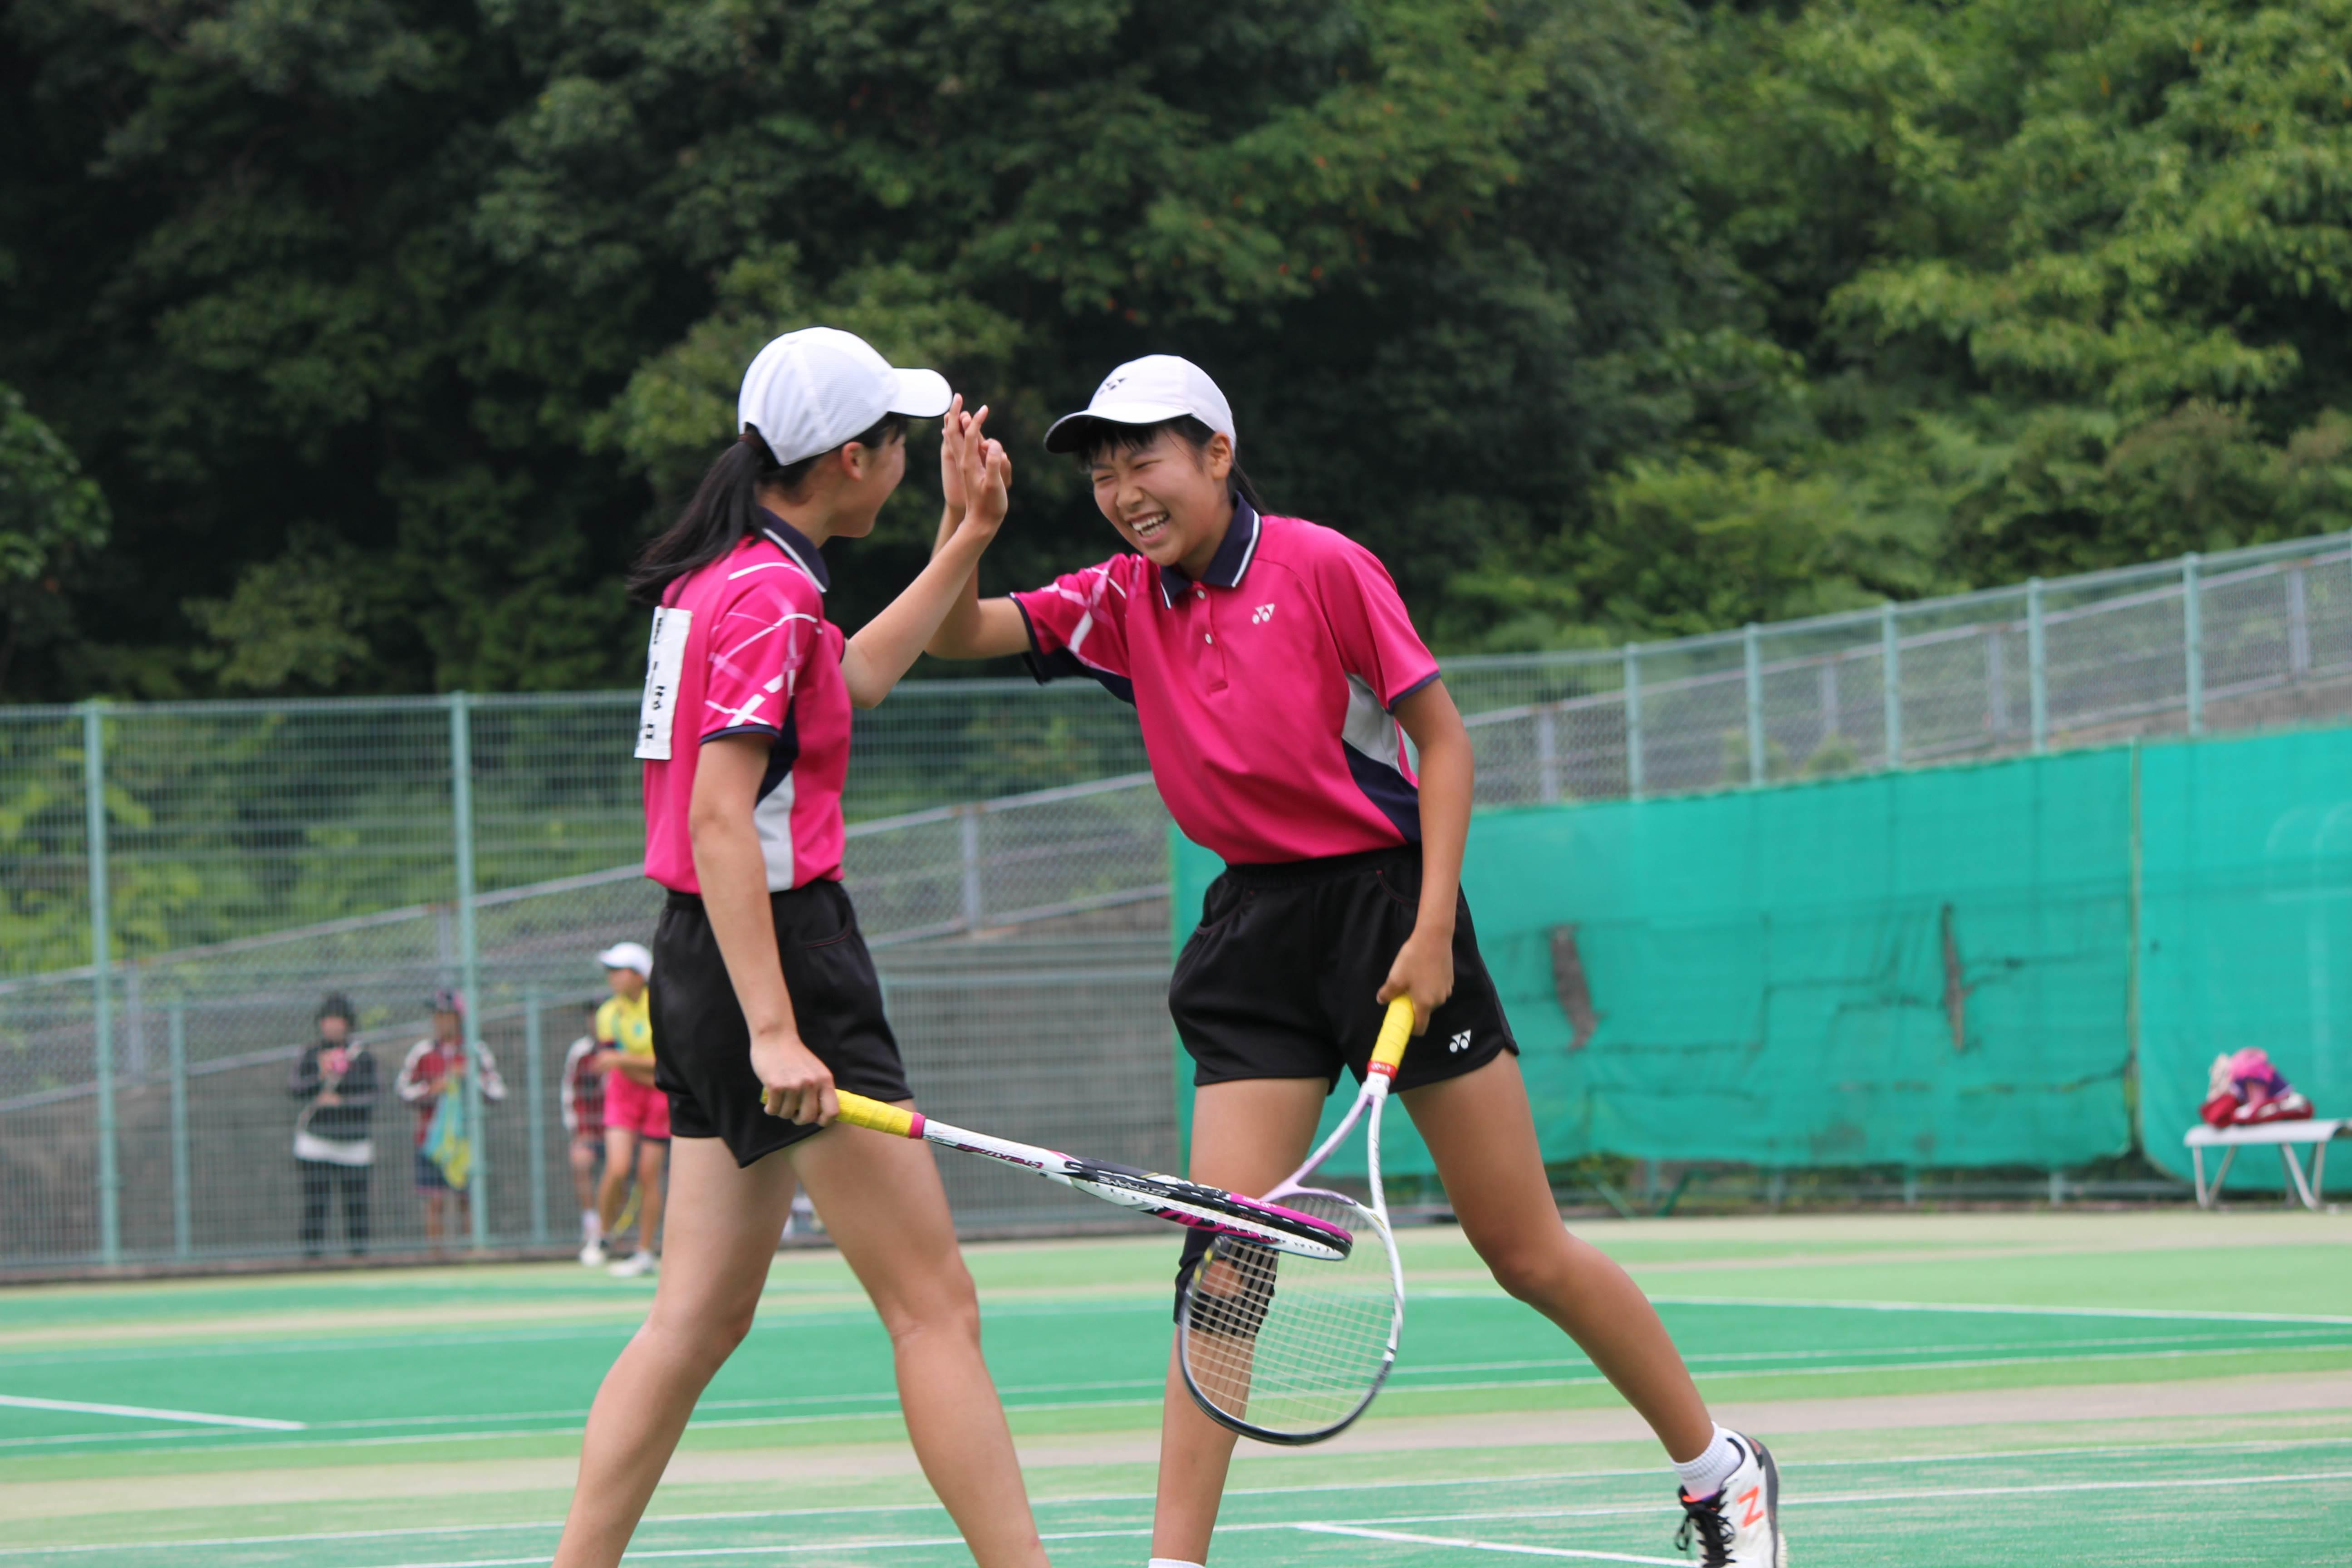 ソフトテニス (29)